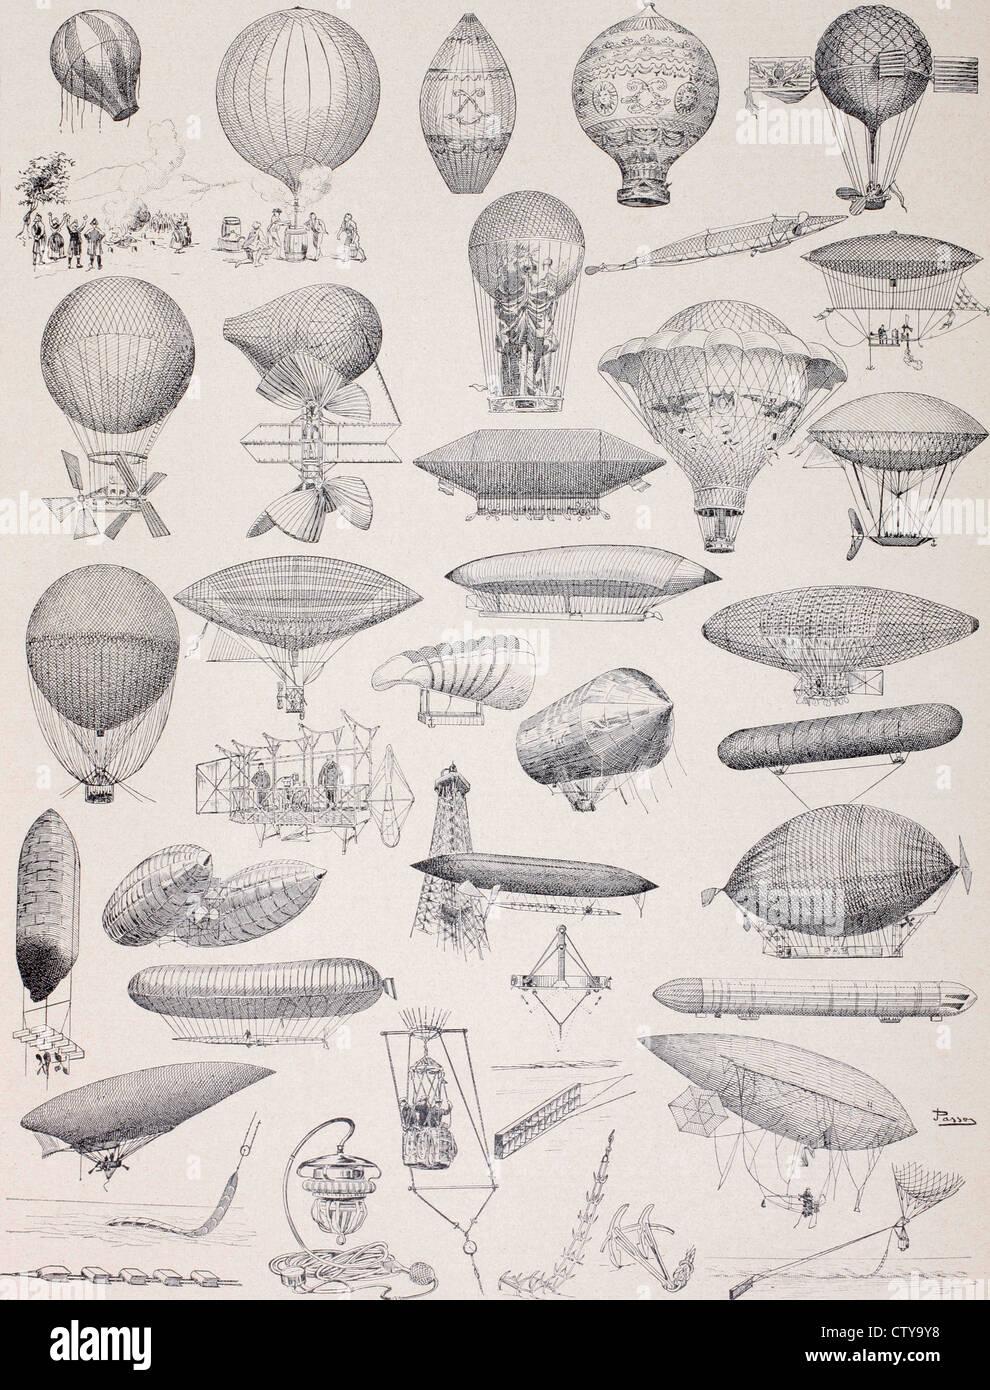 I palloni ad aria calda nel corso di tutta la storia.... Immagini Stock